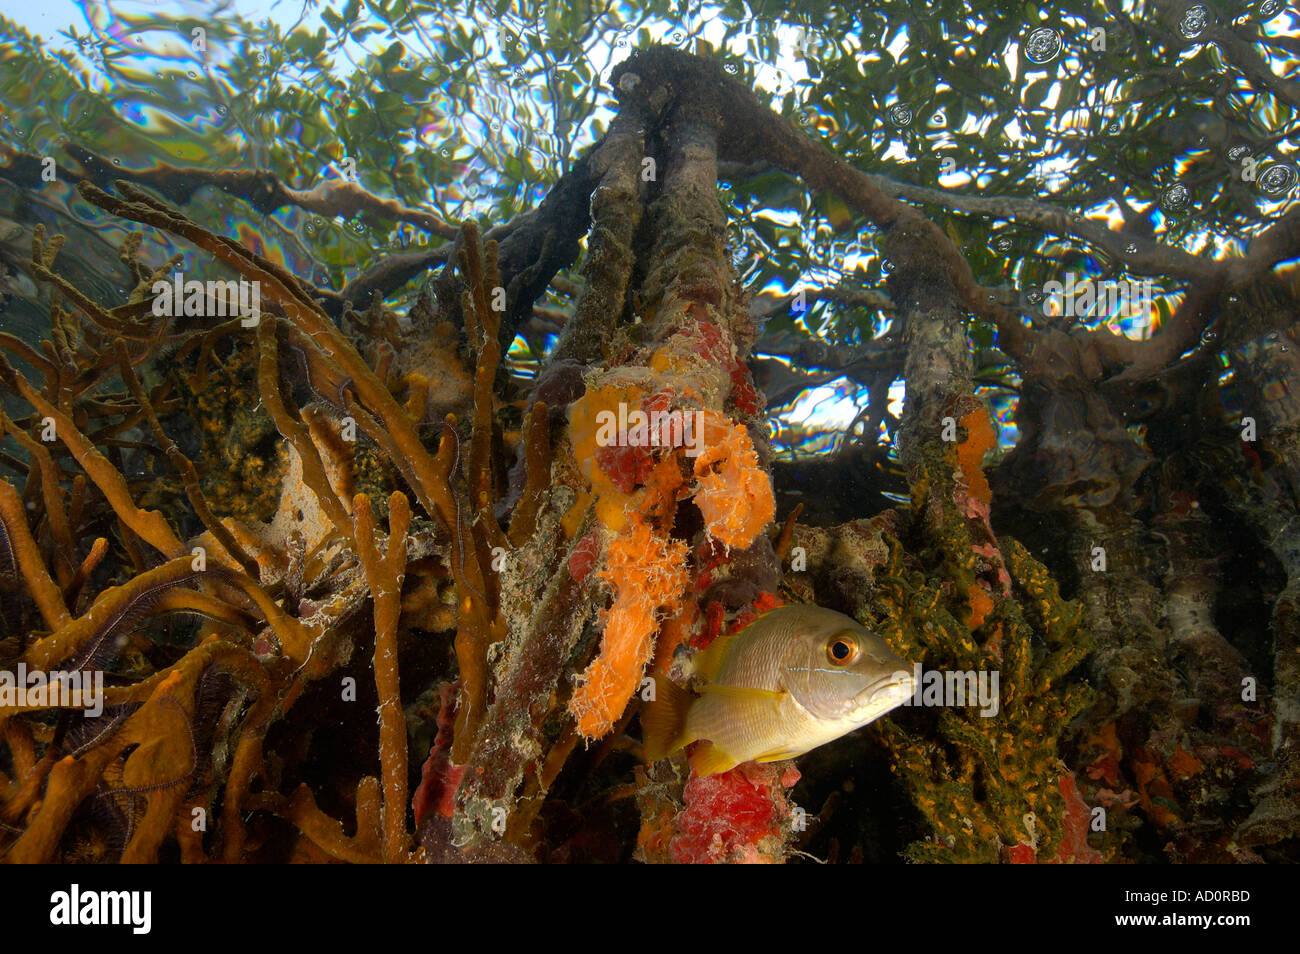 Escena subacuática de las raíces del mangle Tunicate Cove Belice Imagen De Stock